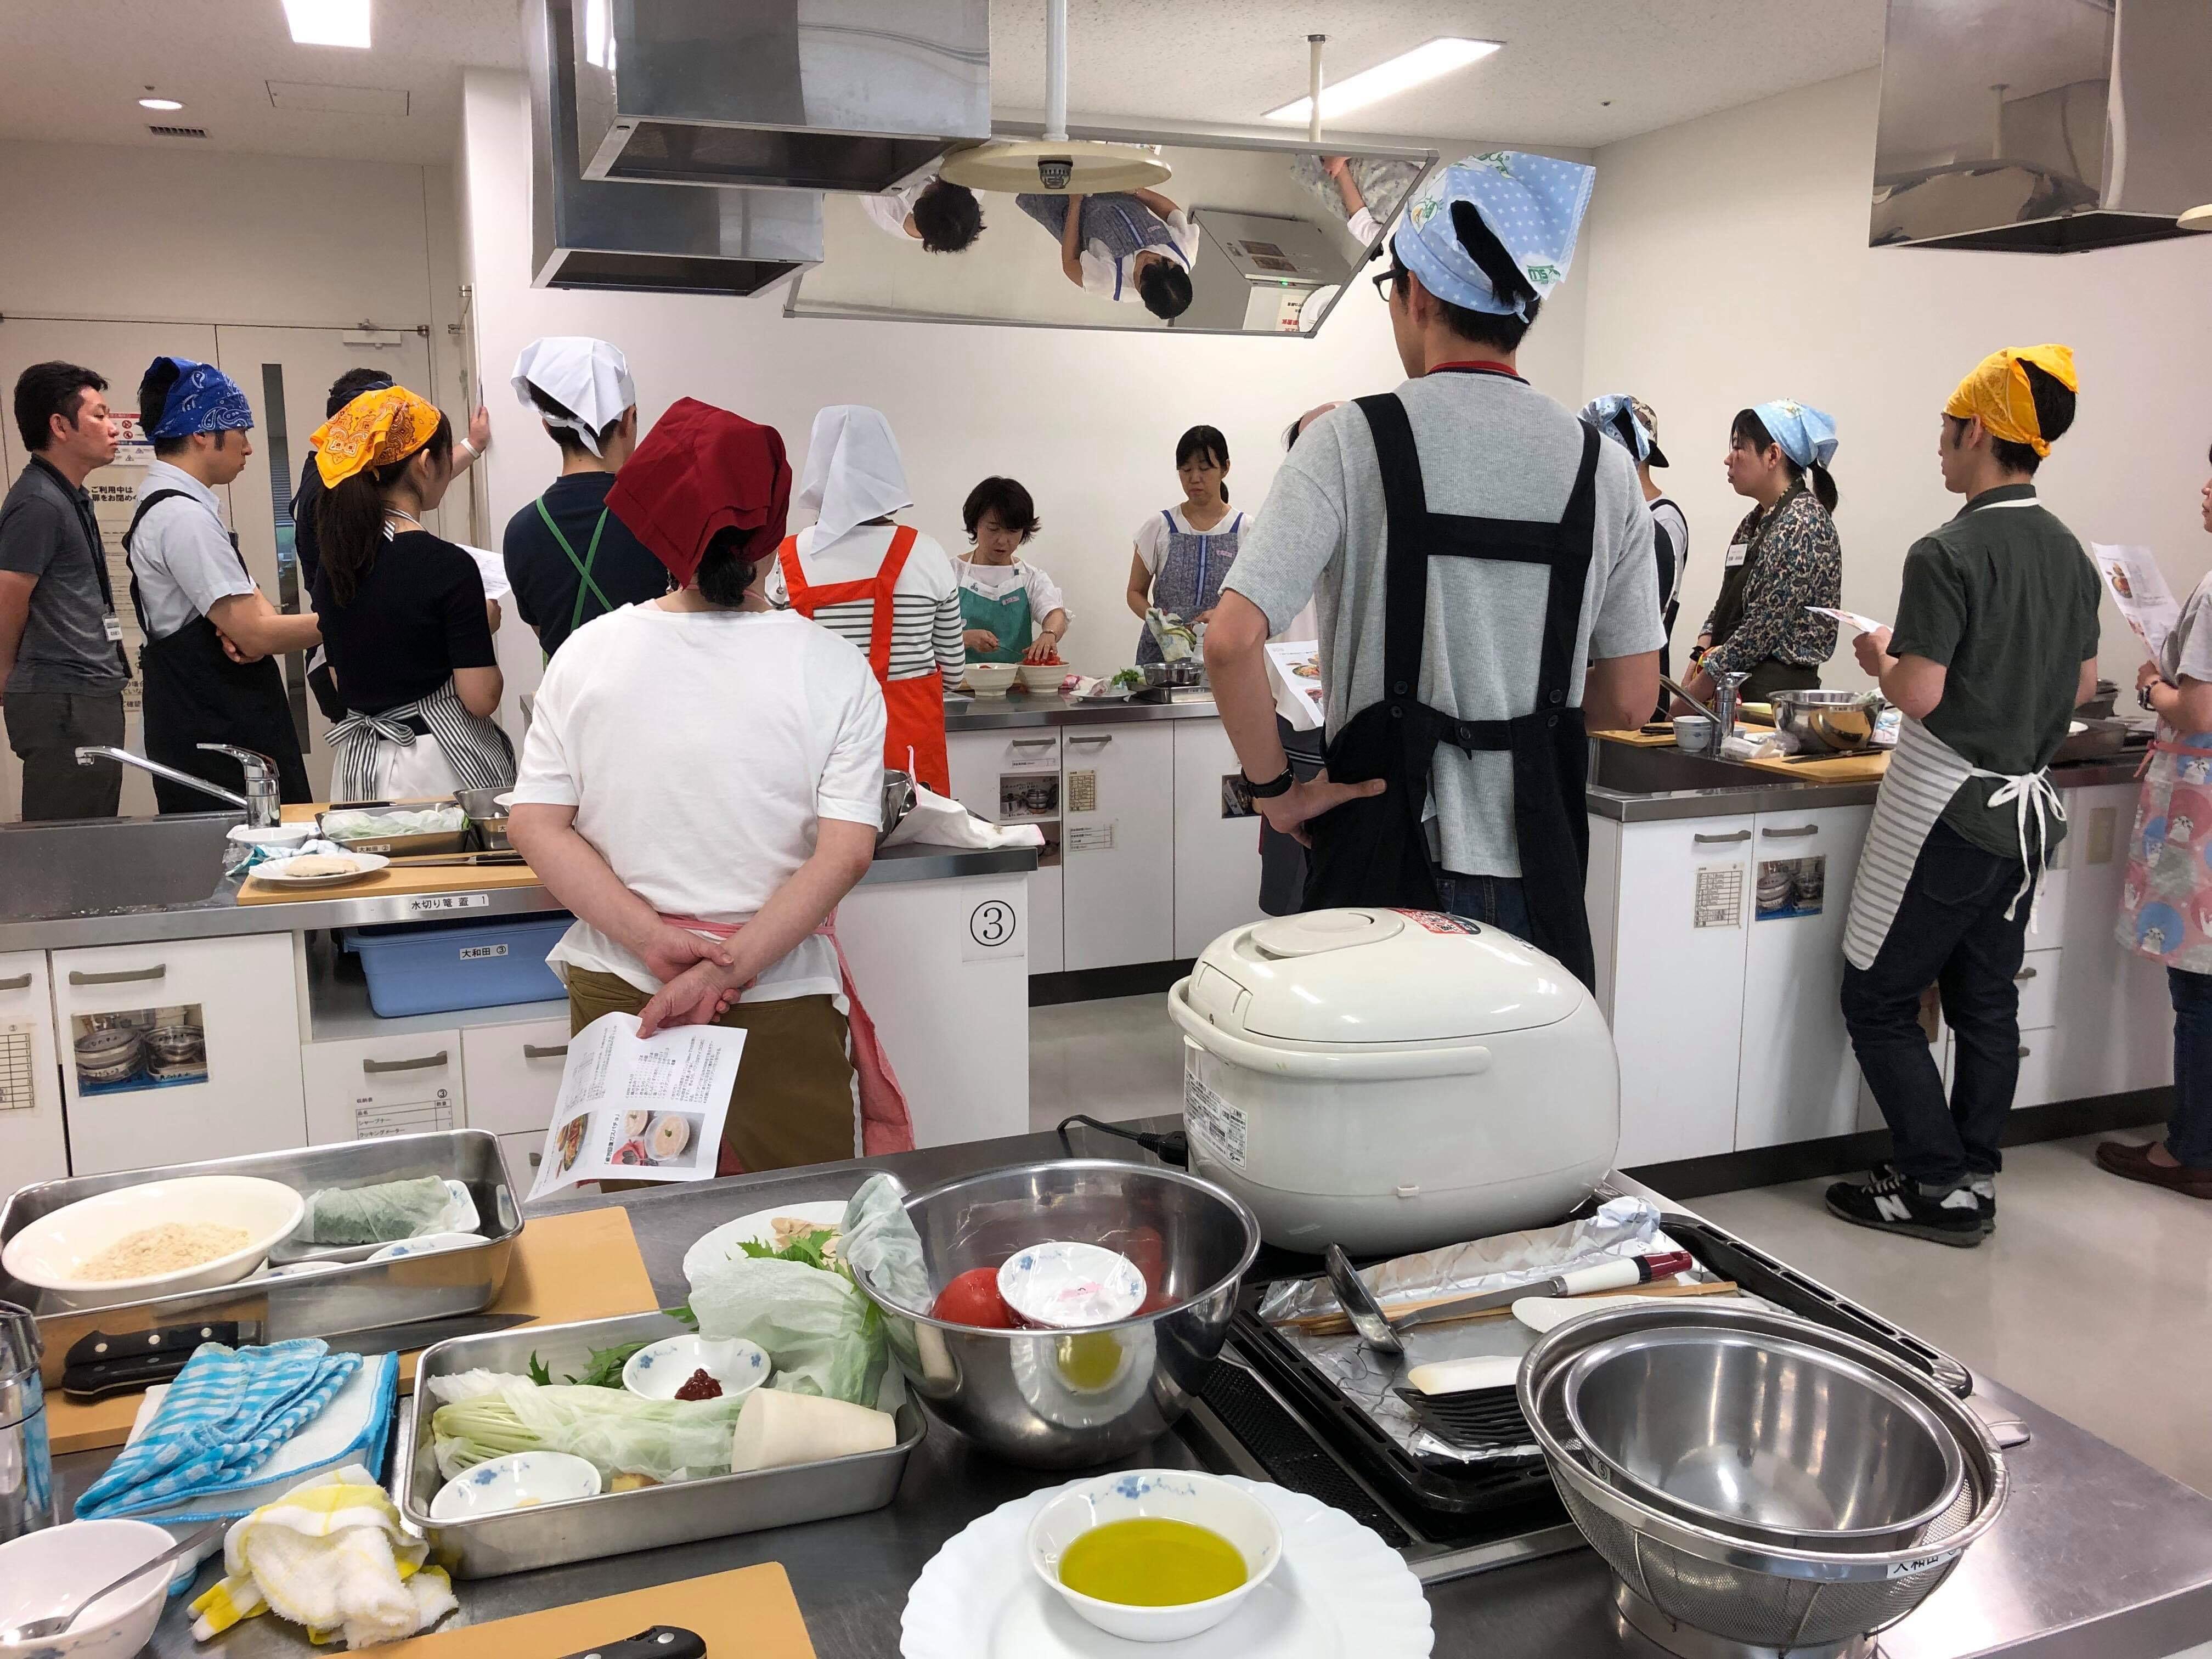 【料理教室講師;健康経営サポート事業】社員の健康をサポートする料理教室